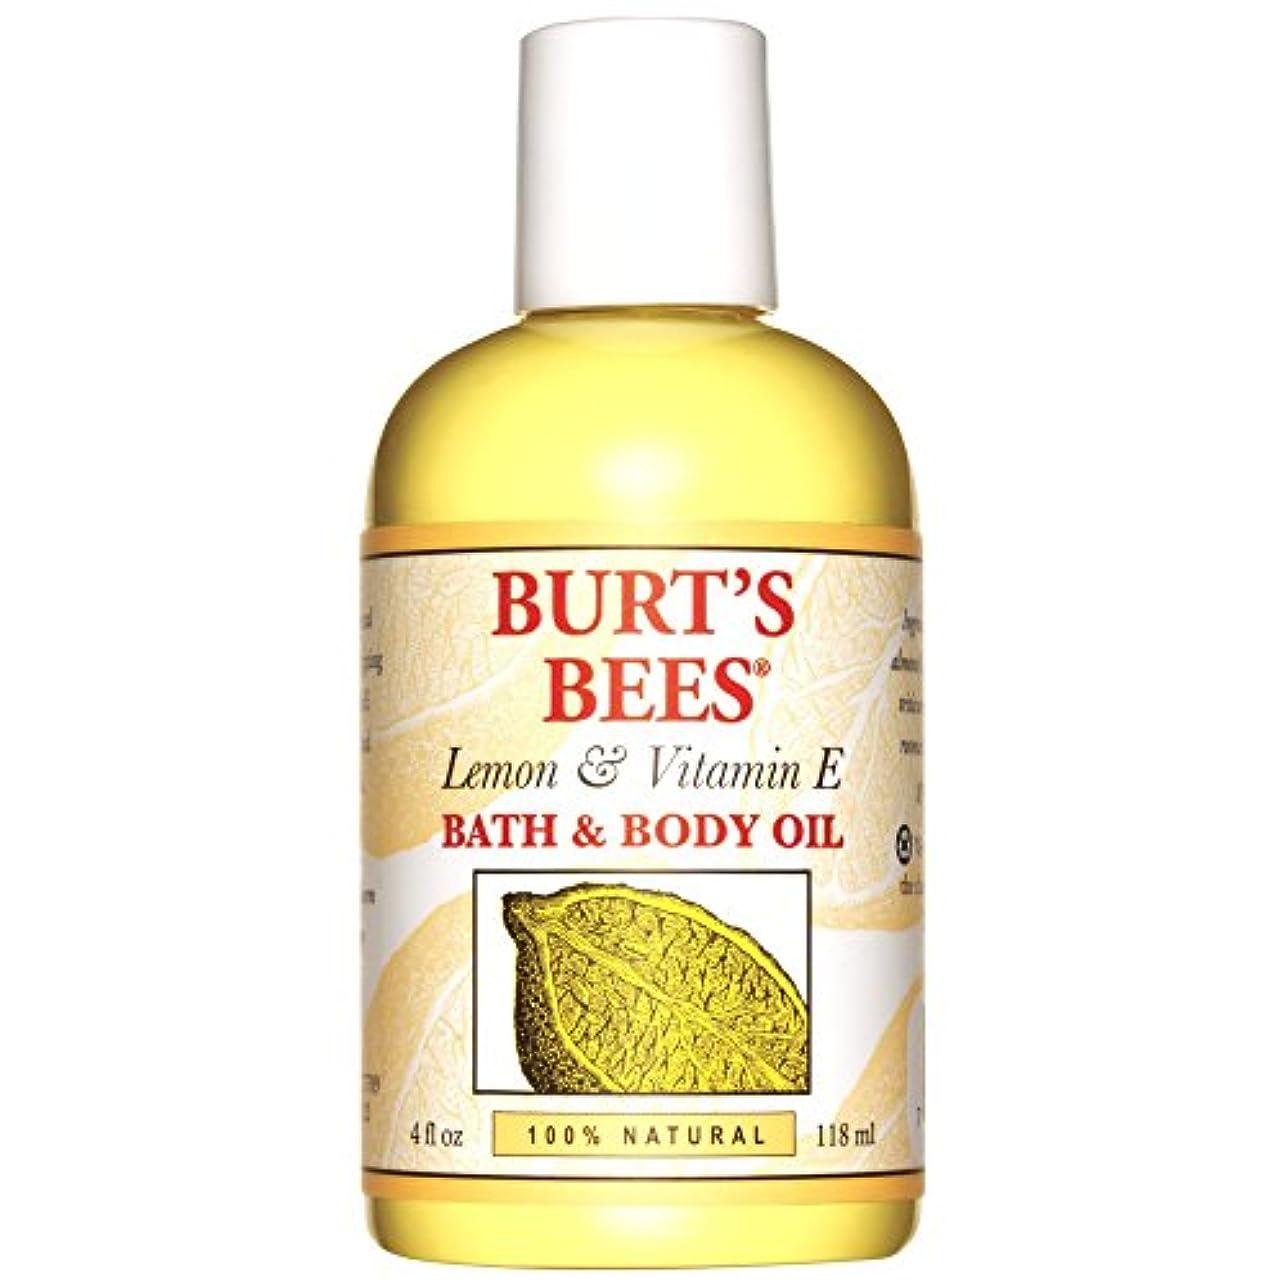 朝情緒的遅いバーツビーレモンとビタミンEバス、ボディオイル118ミリリットル (Burt's Bees) - Burt's Bees Lemon and Vitamin E Bath and Body Oil 118ml [並行輸入品]